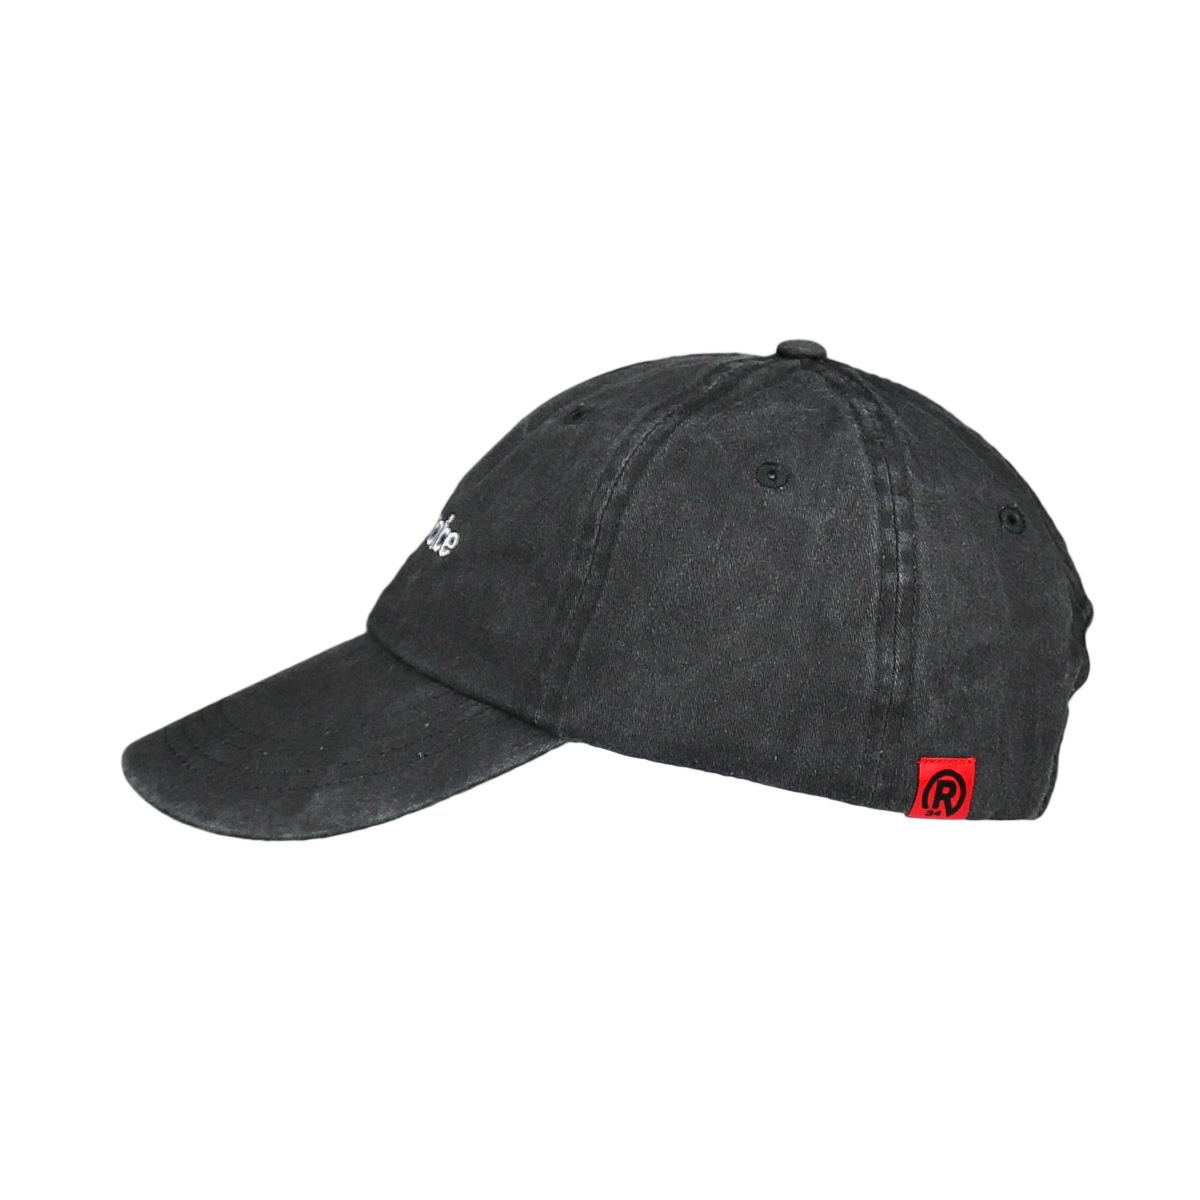 BASIC LOGO CAP